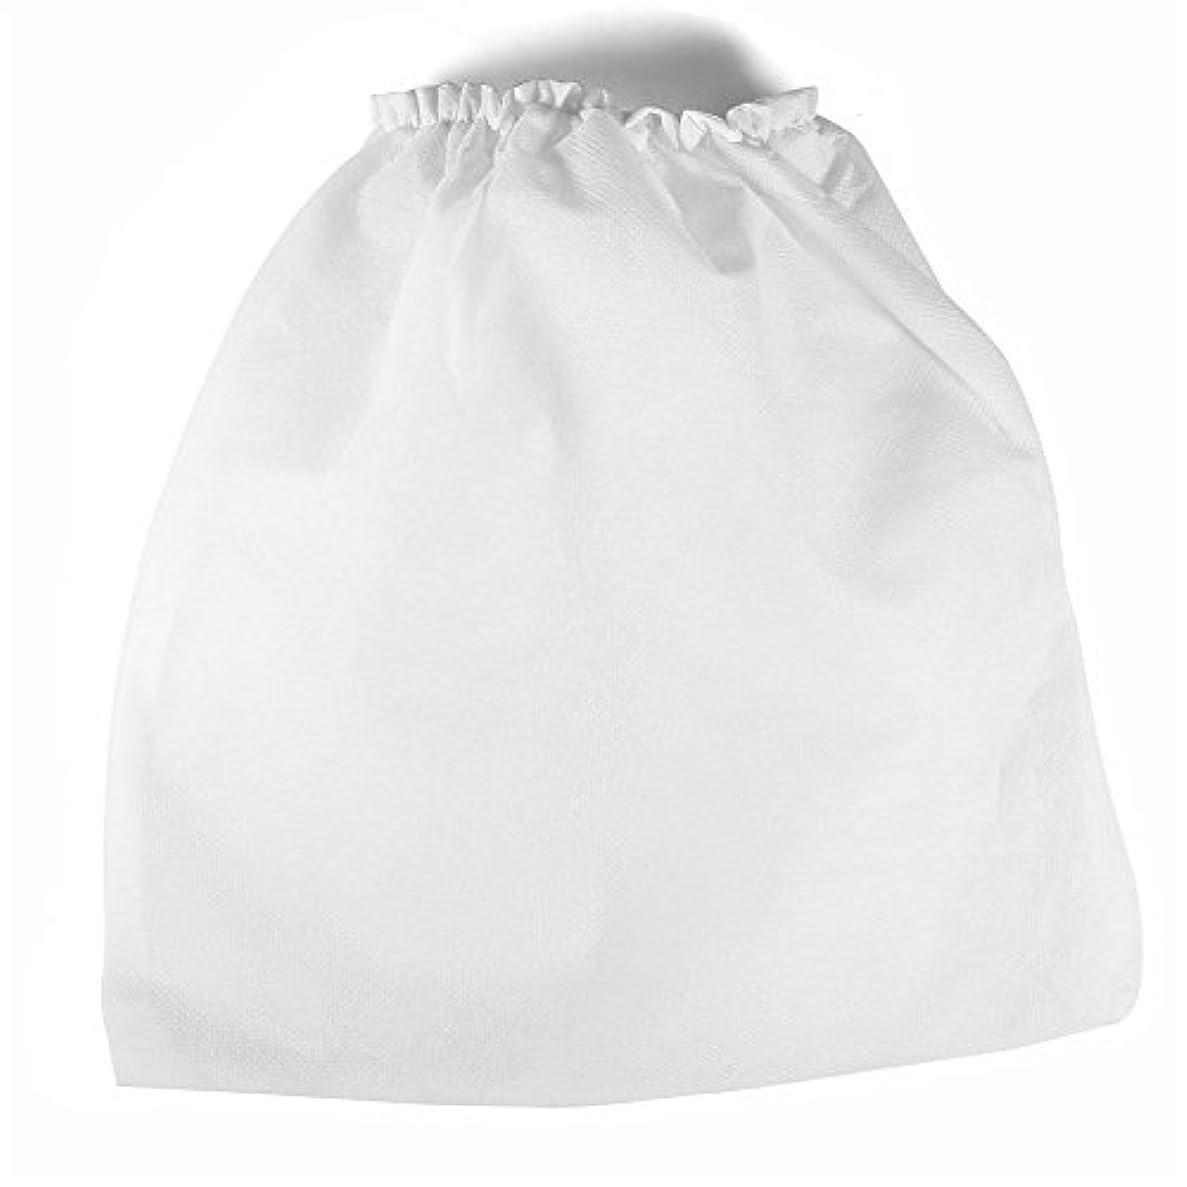 買い物に行くスナッチ透過性ネイルアート集塵サロンツール用掃除機バッグ10ピースネイル不織布掃除機交換バッグ